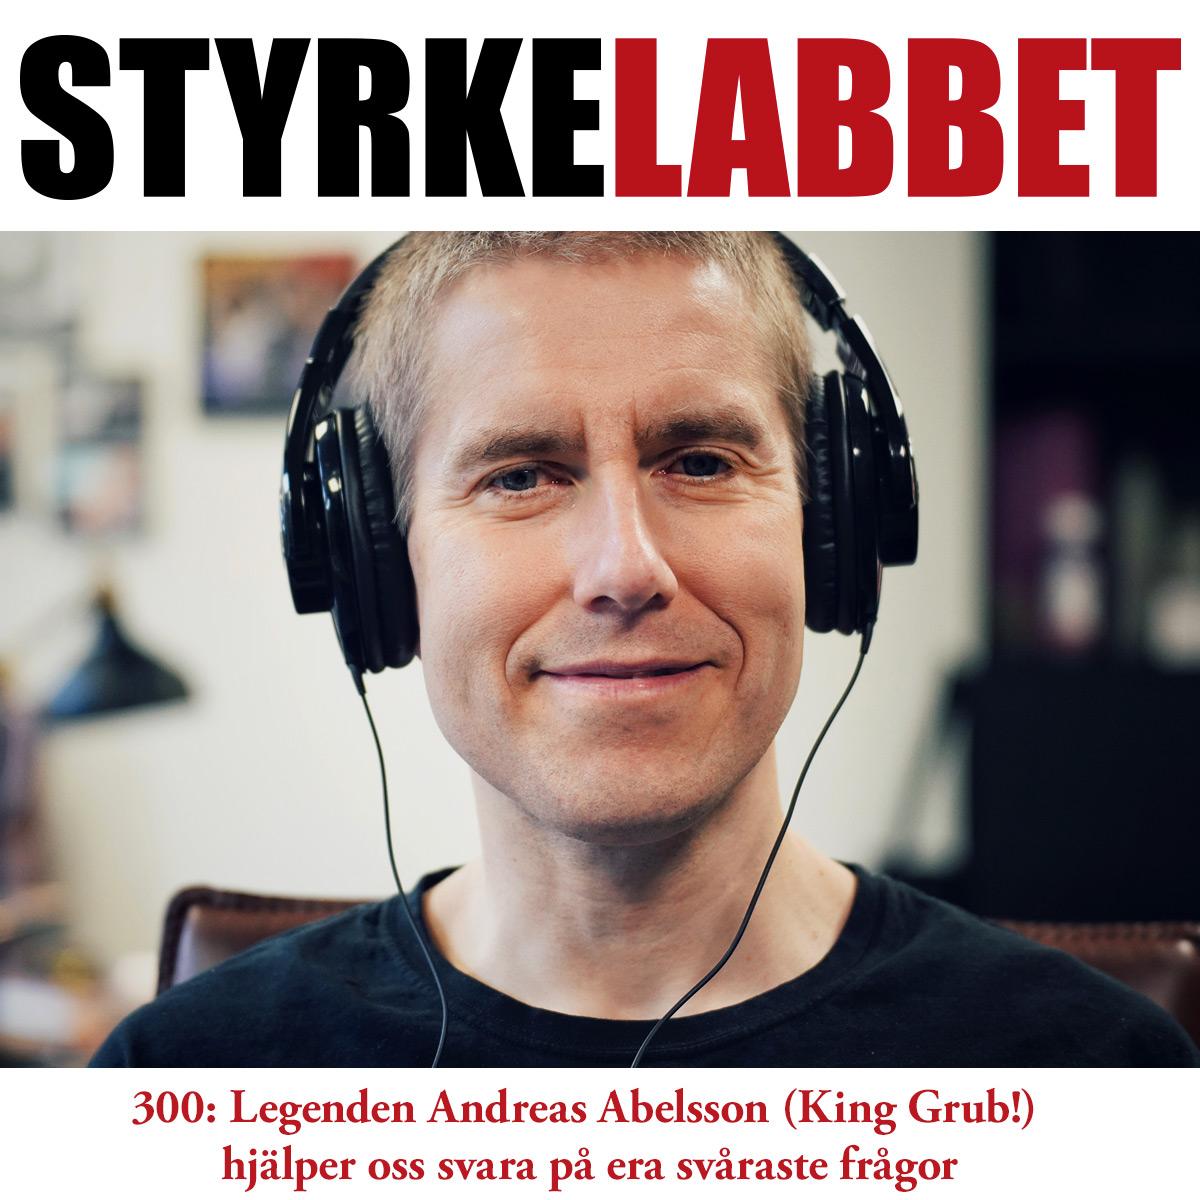 Styrkelabbet avsnitt 300: Legenden Andreas Abelsson (King Grub!) hjälper oss svara på era svåraste frågor